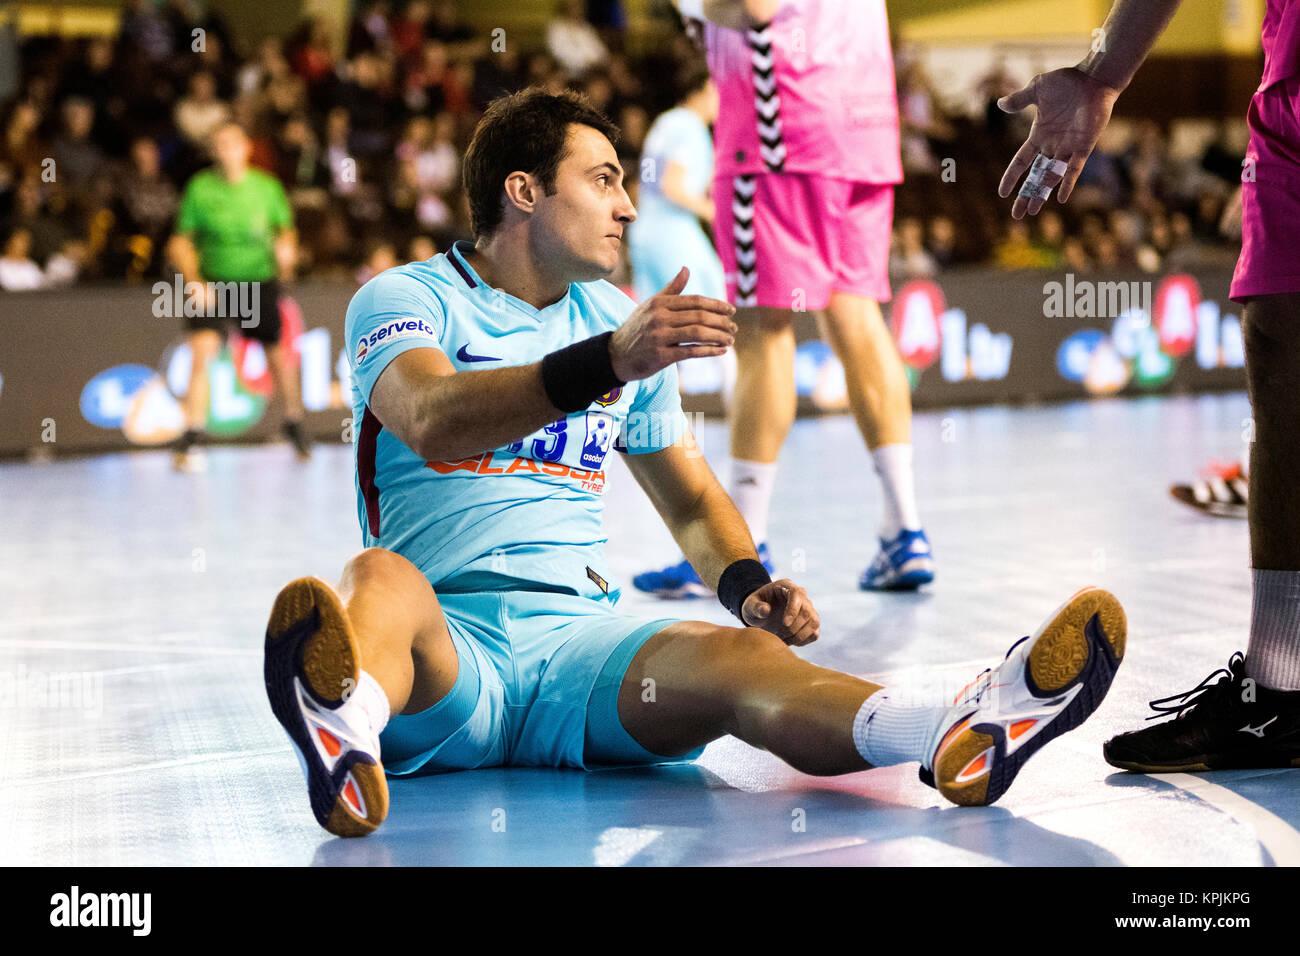 Leon, Espagne. 16 Décembre, 2017. Aitor Ariño (FC Barcelone) au cours de la match de hand d'espagnol Photo Stock